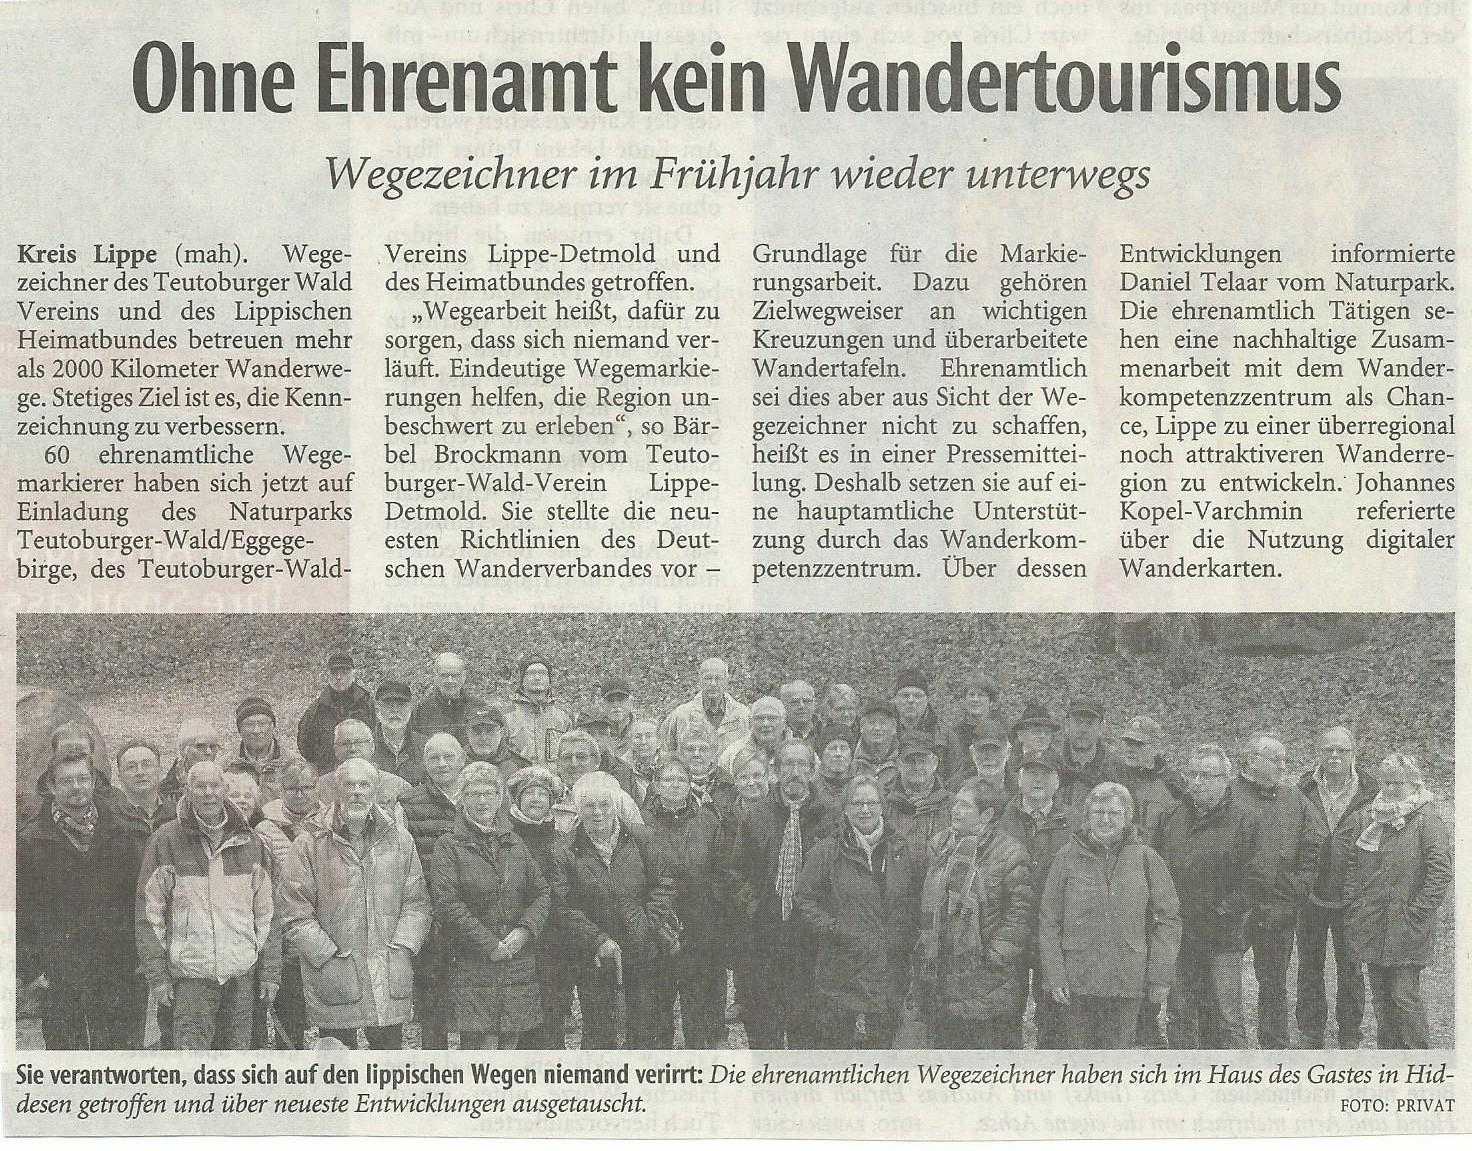 Lippische-Landeszeitung vom 27. März 2015